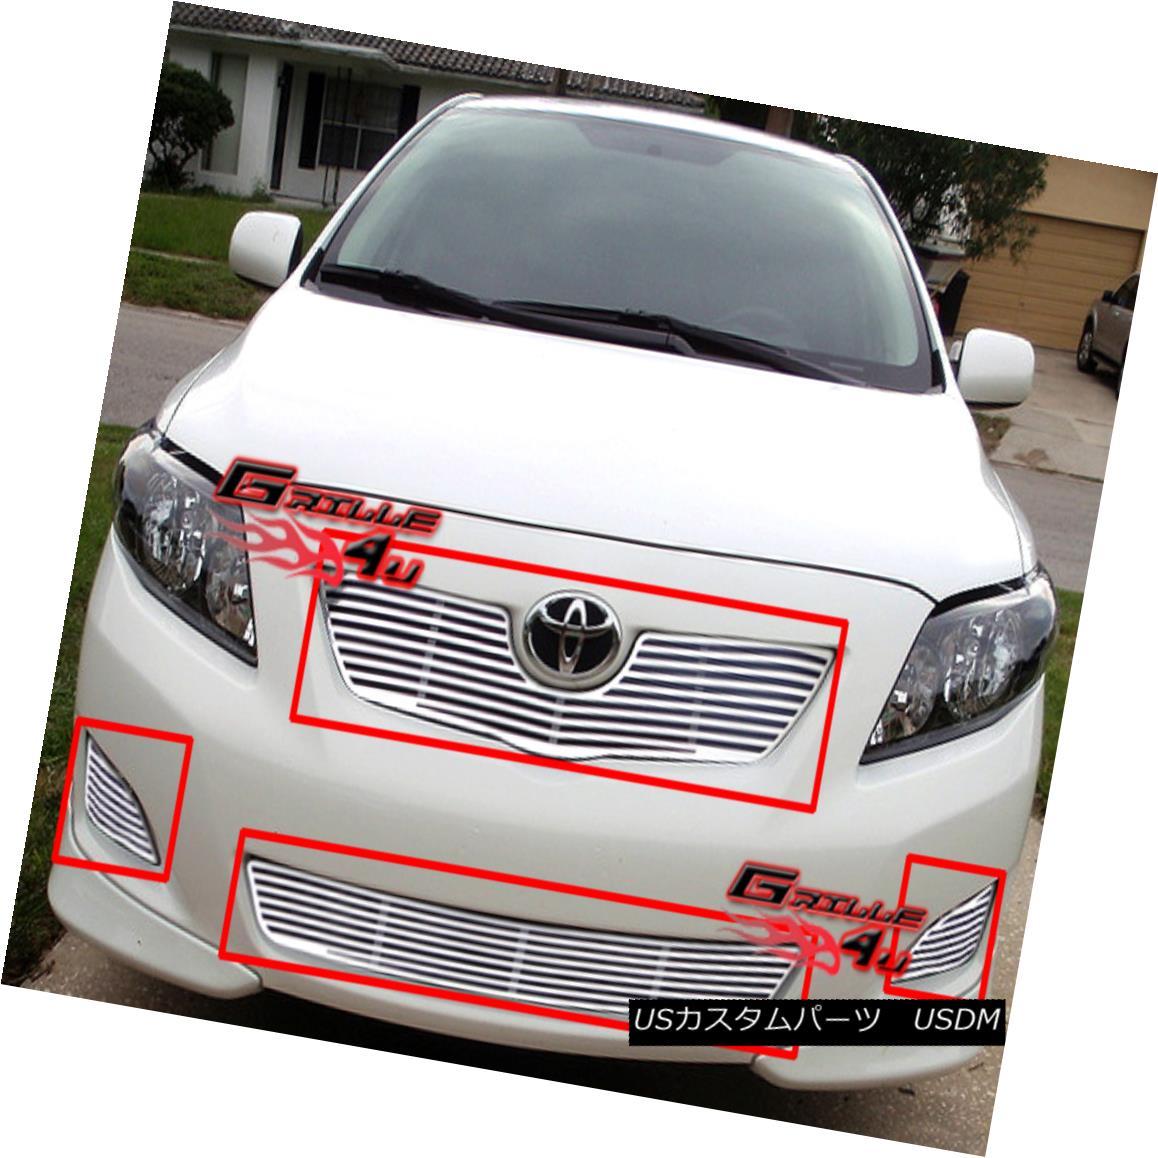 グリル Fits 2009-2010 Toyota Corolla Perimeter Grille Insert フィット2009-2010トヨタカロー周辺グリルインサート